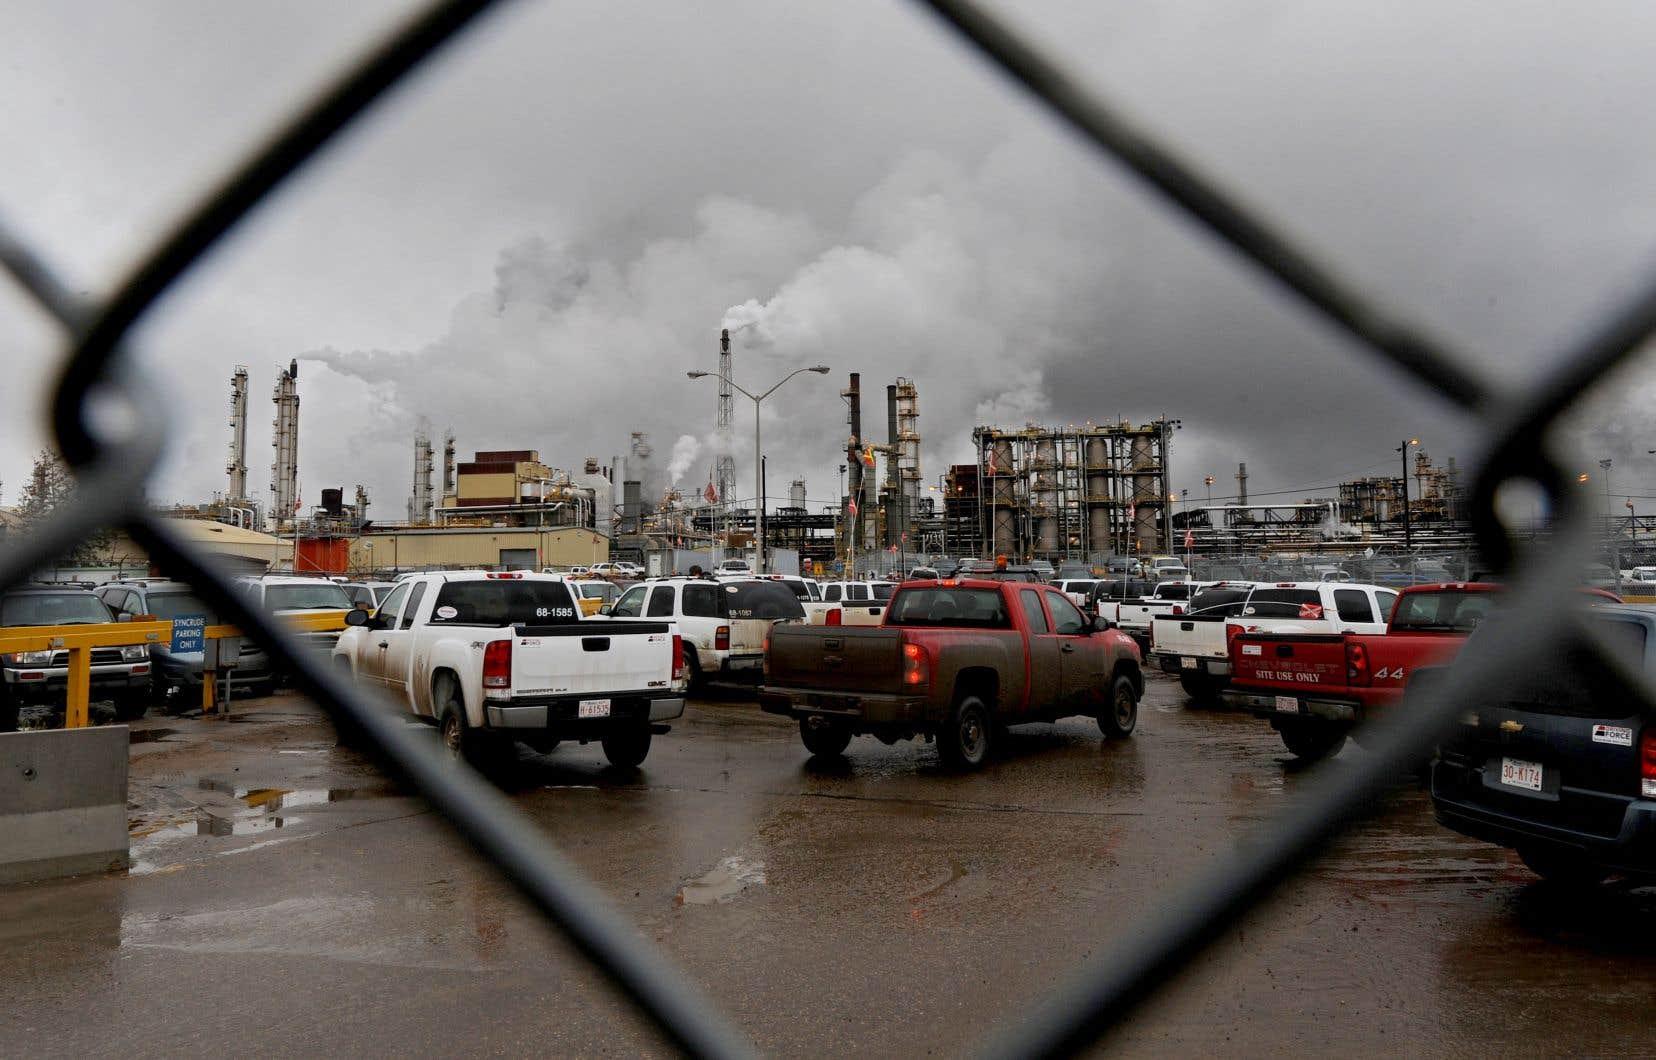 La majorité de la main-d'oeuvre des sites pétroliers visés est composée de travailleurs qui font la navette vers leur résidence située dans d'autres régions albertaines et d'autres provinces.